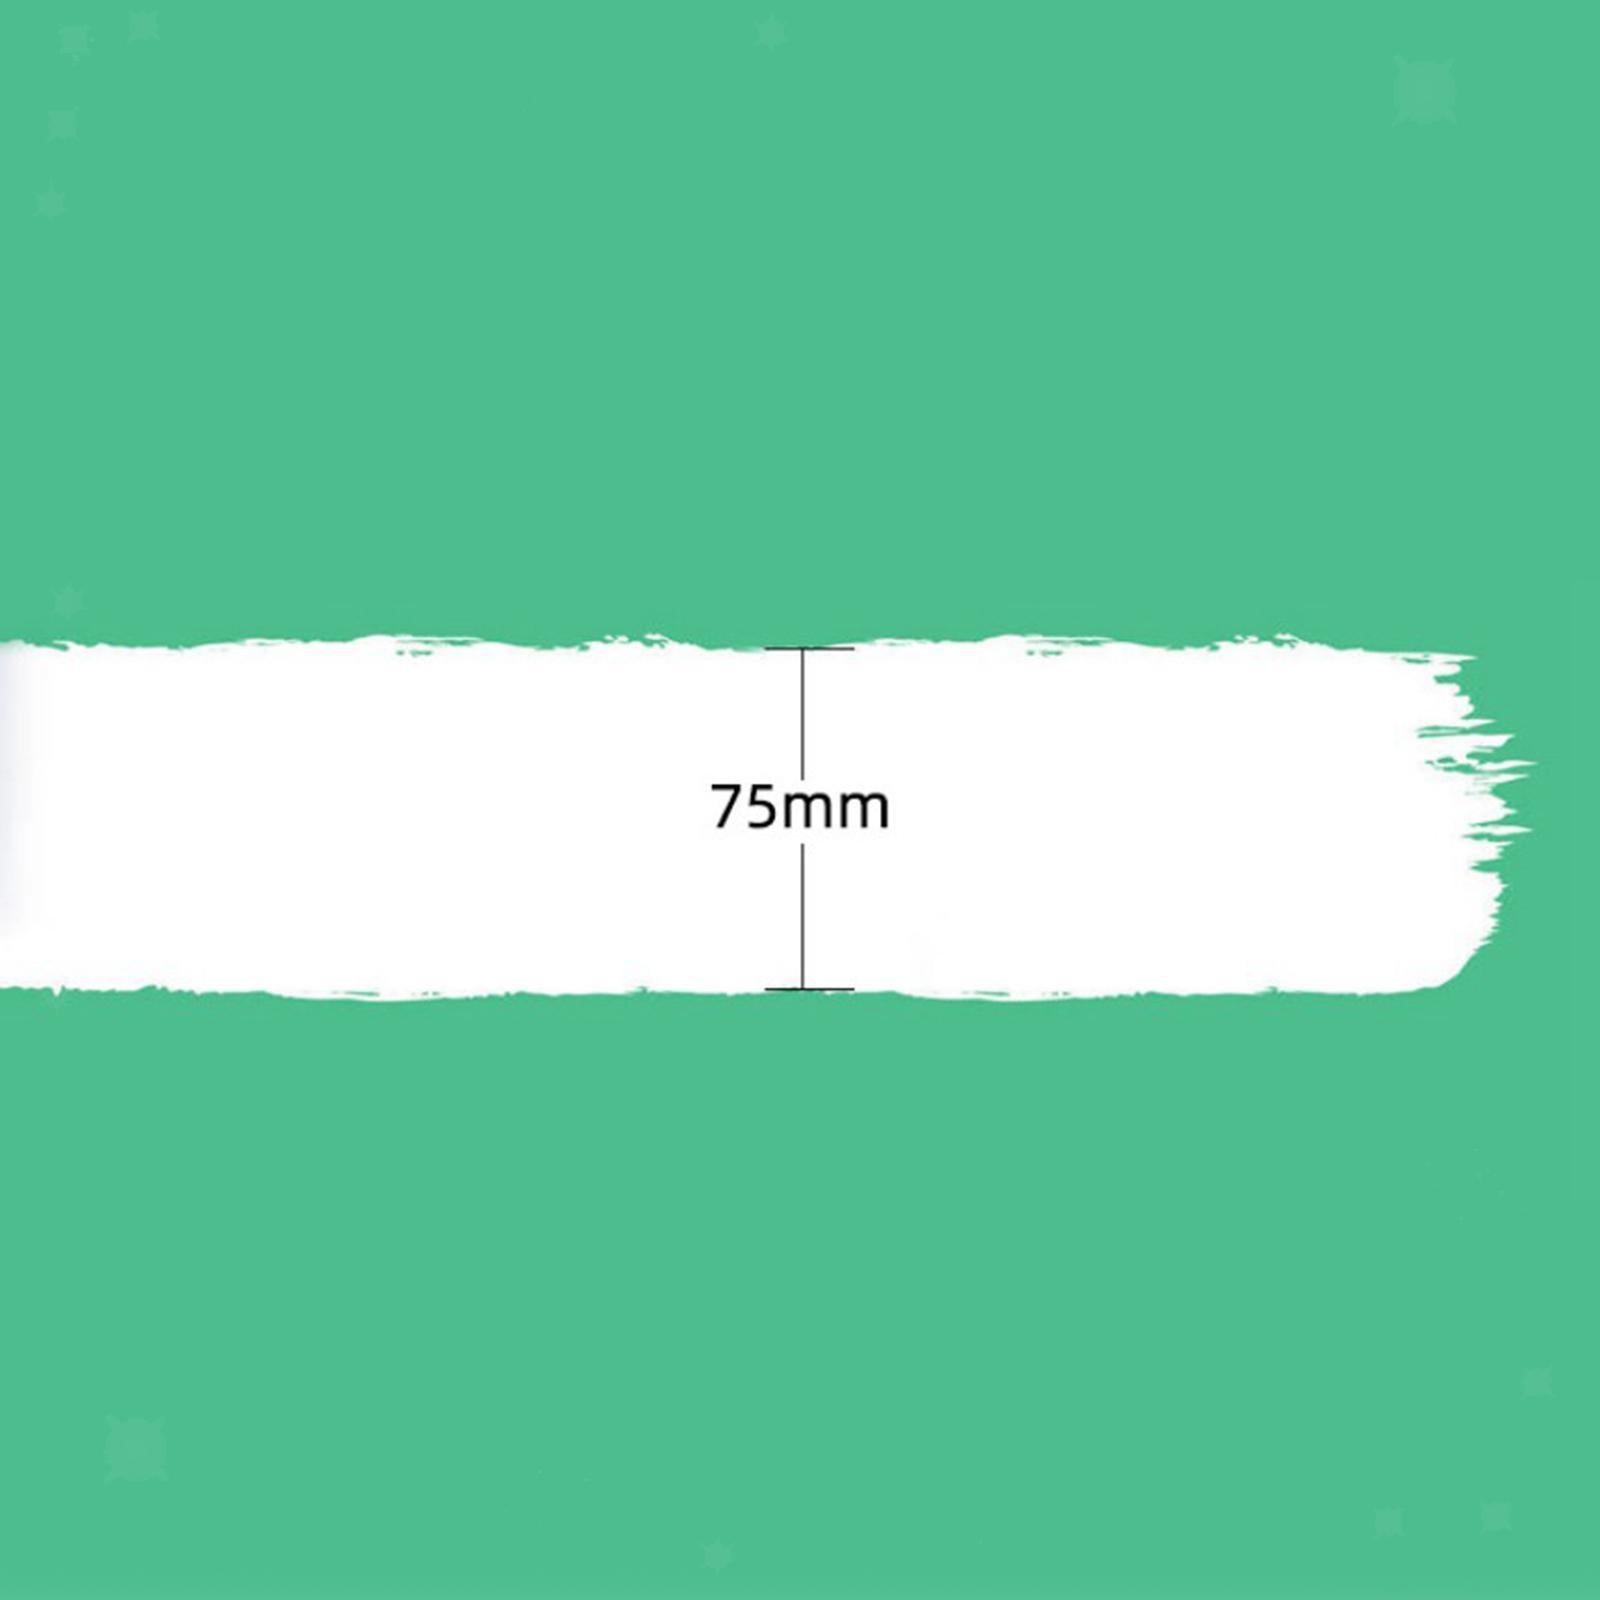 miniatura 21 - 180mL/320mL Portatile Colla Applicatore Rullo Professionale Rivestito Colla